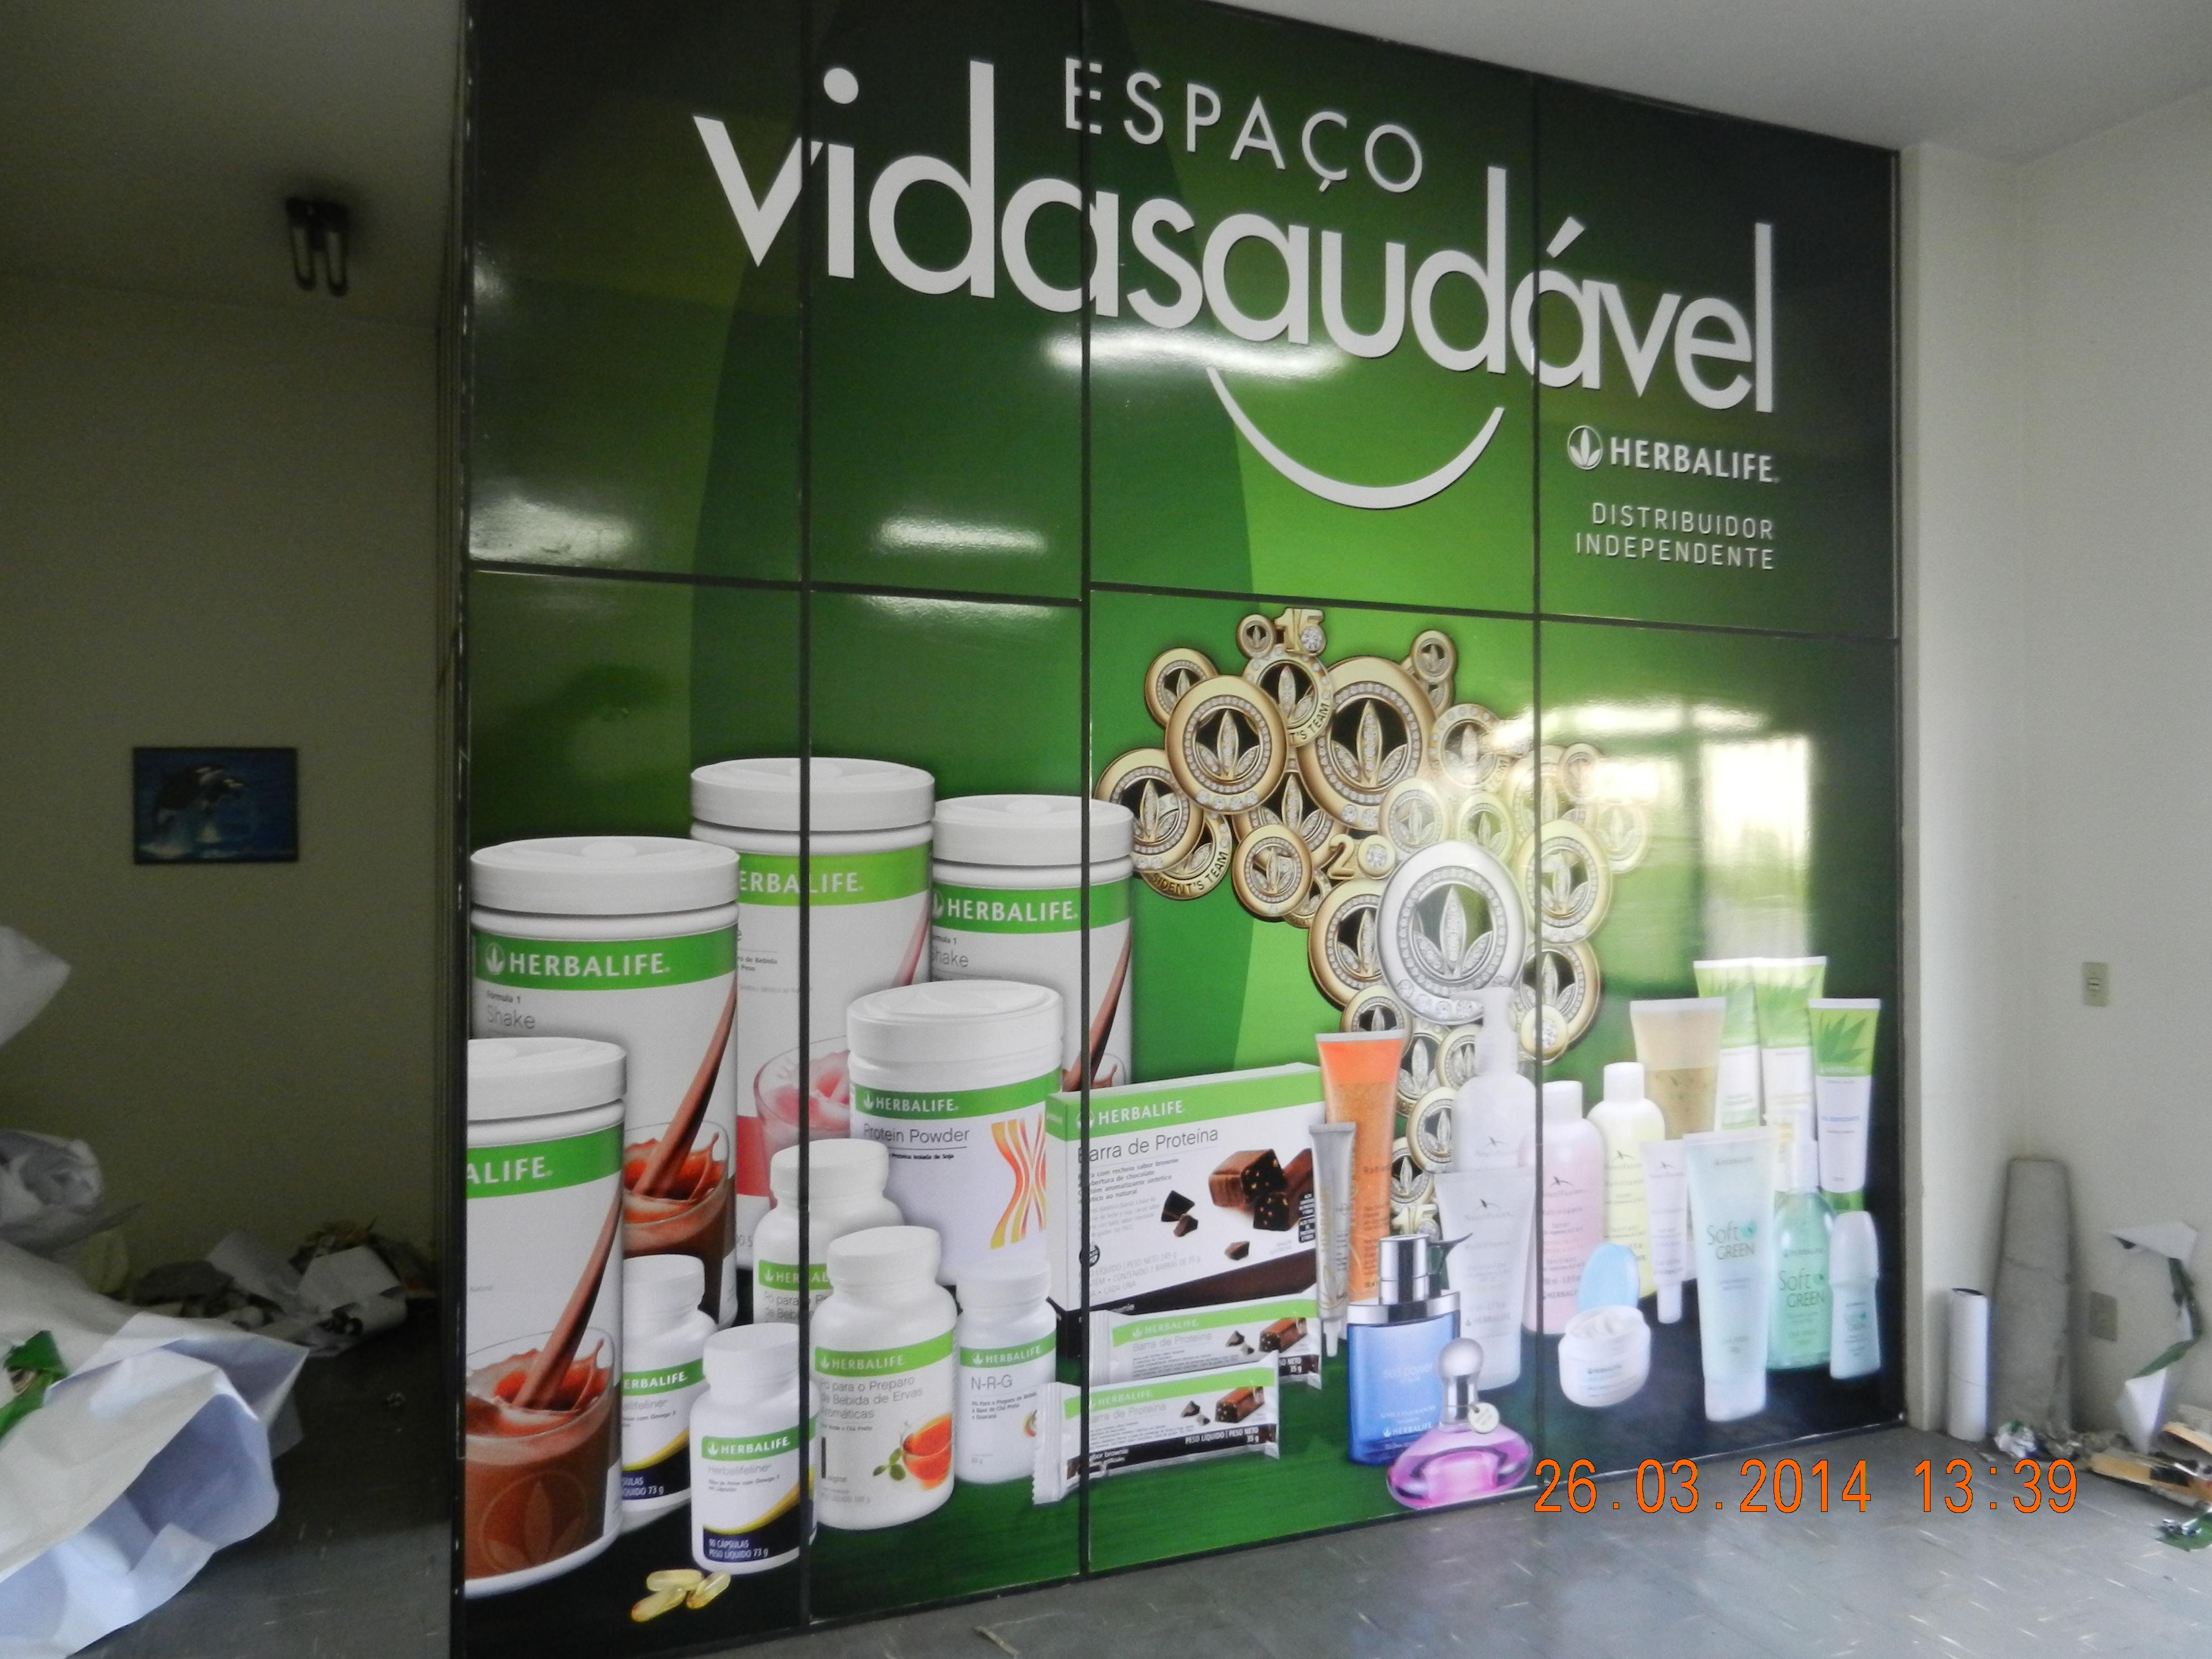 EVS - Herbalife